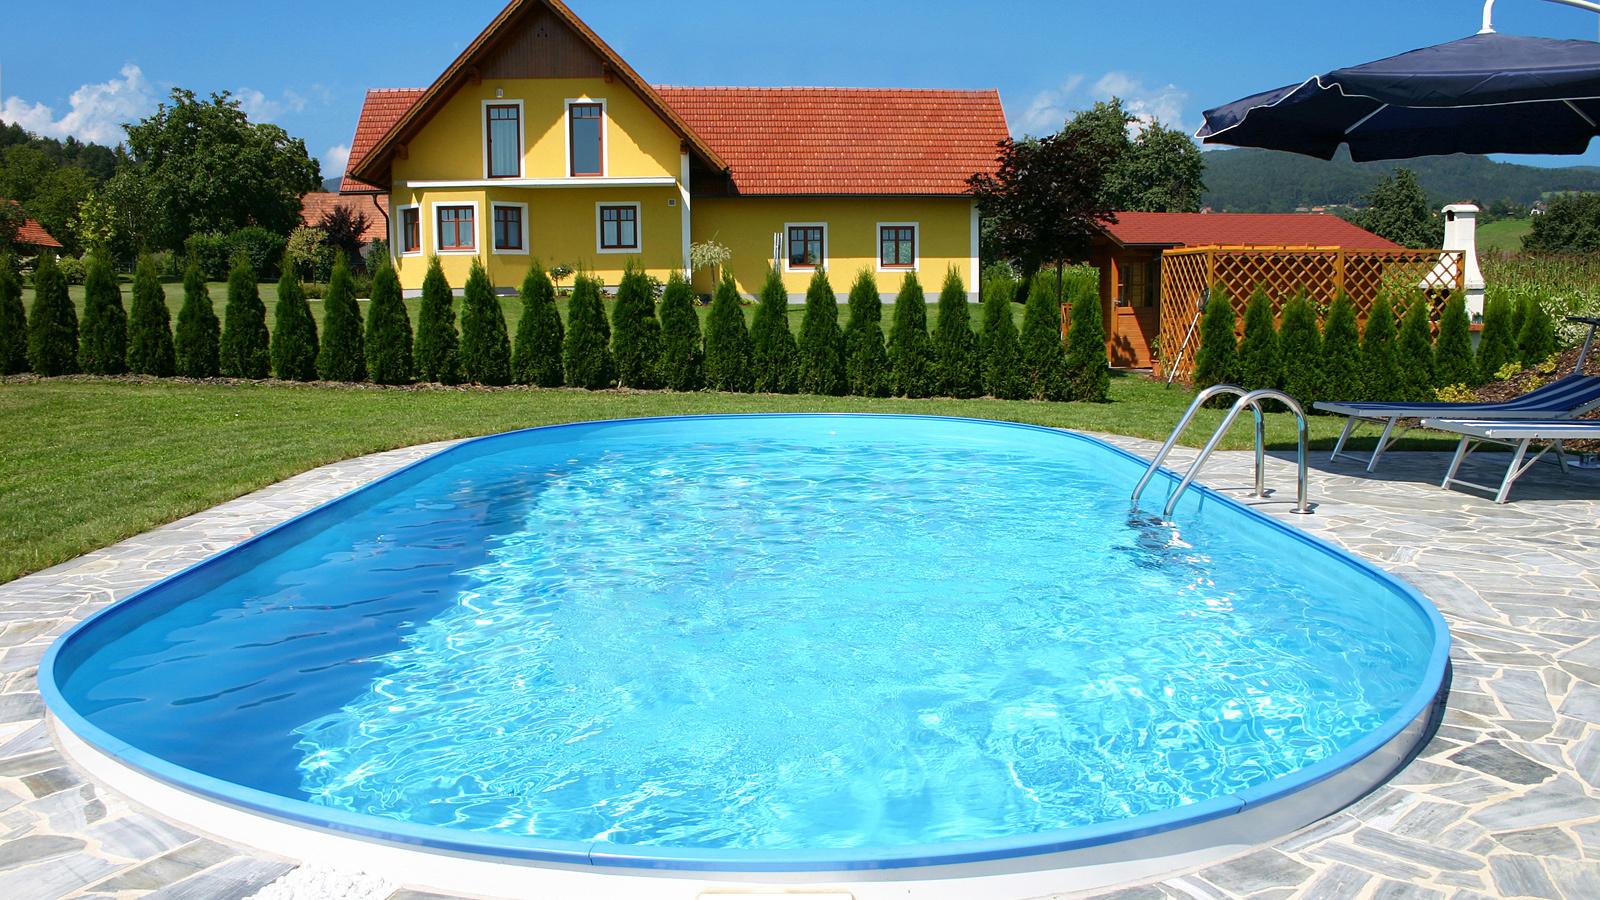 Exklusiv stahlwandbecken ovalform plus mein for Stahlwandbecken pool